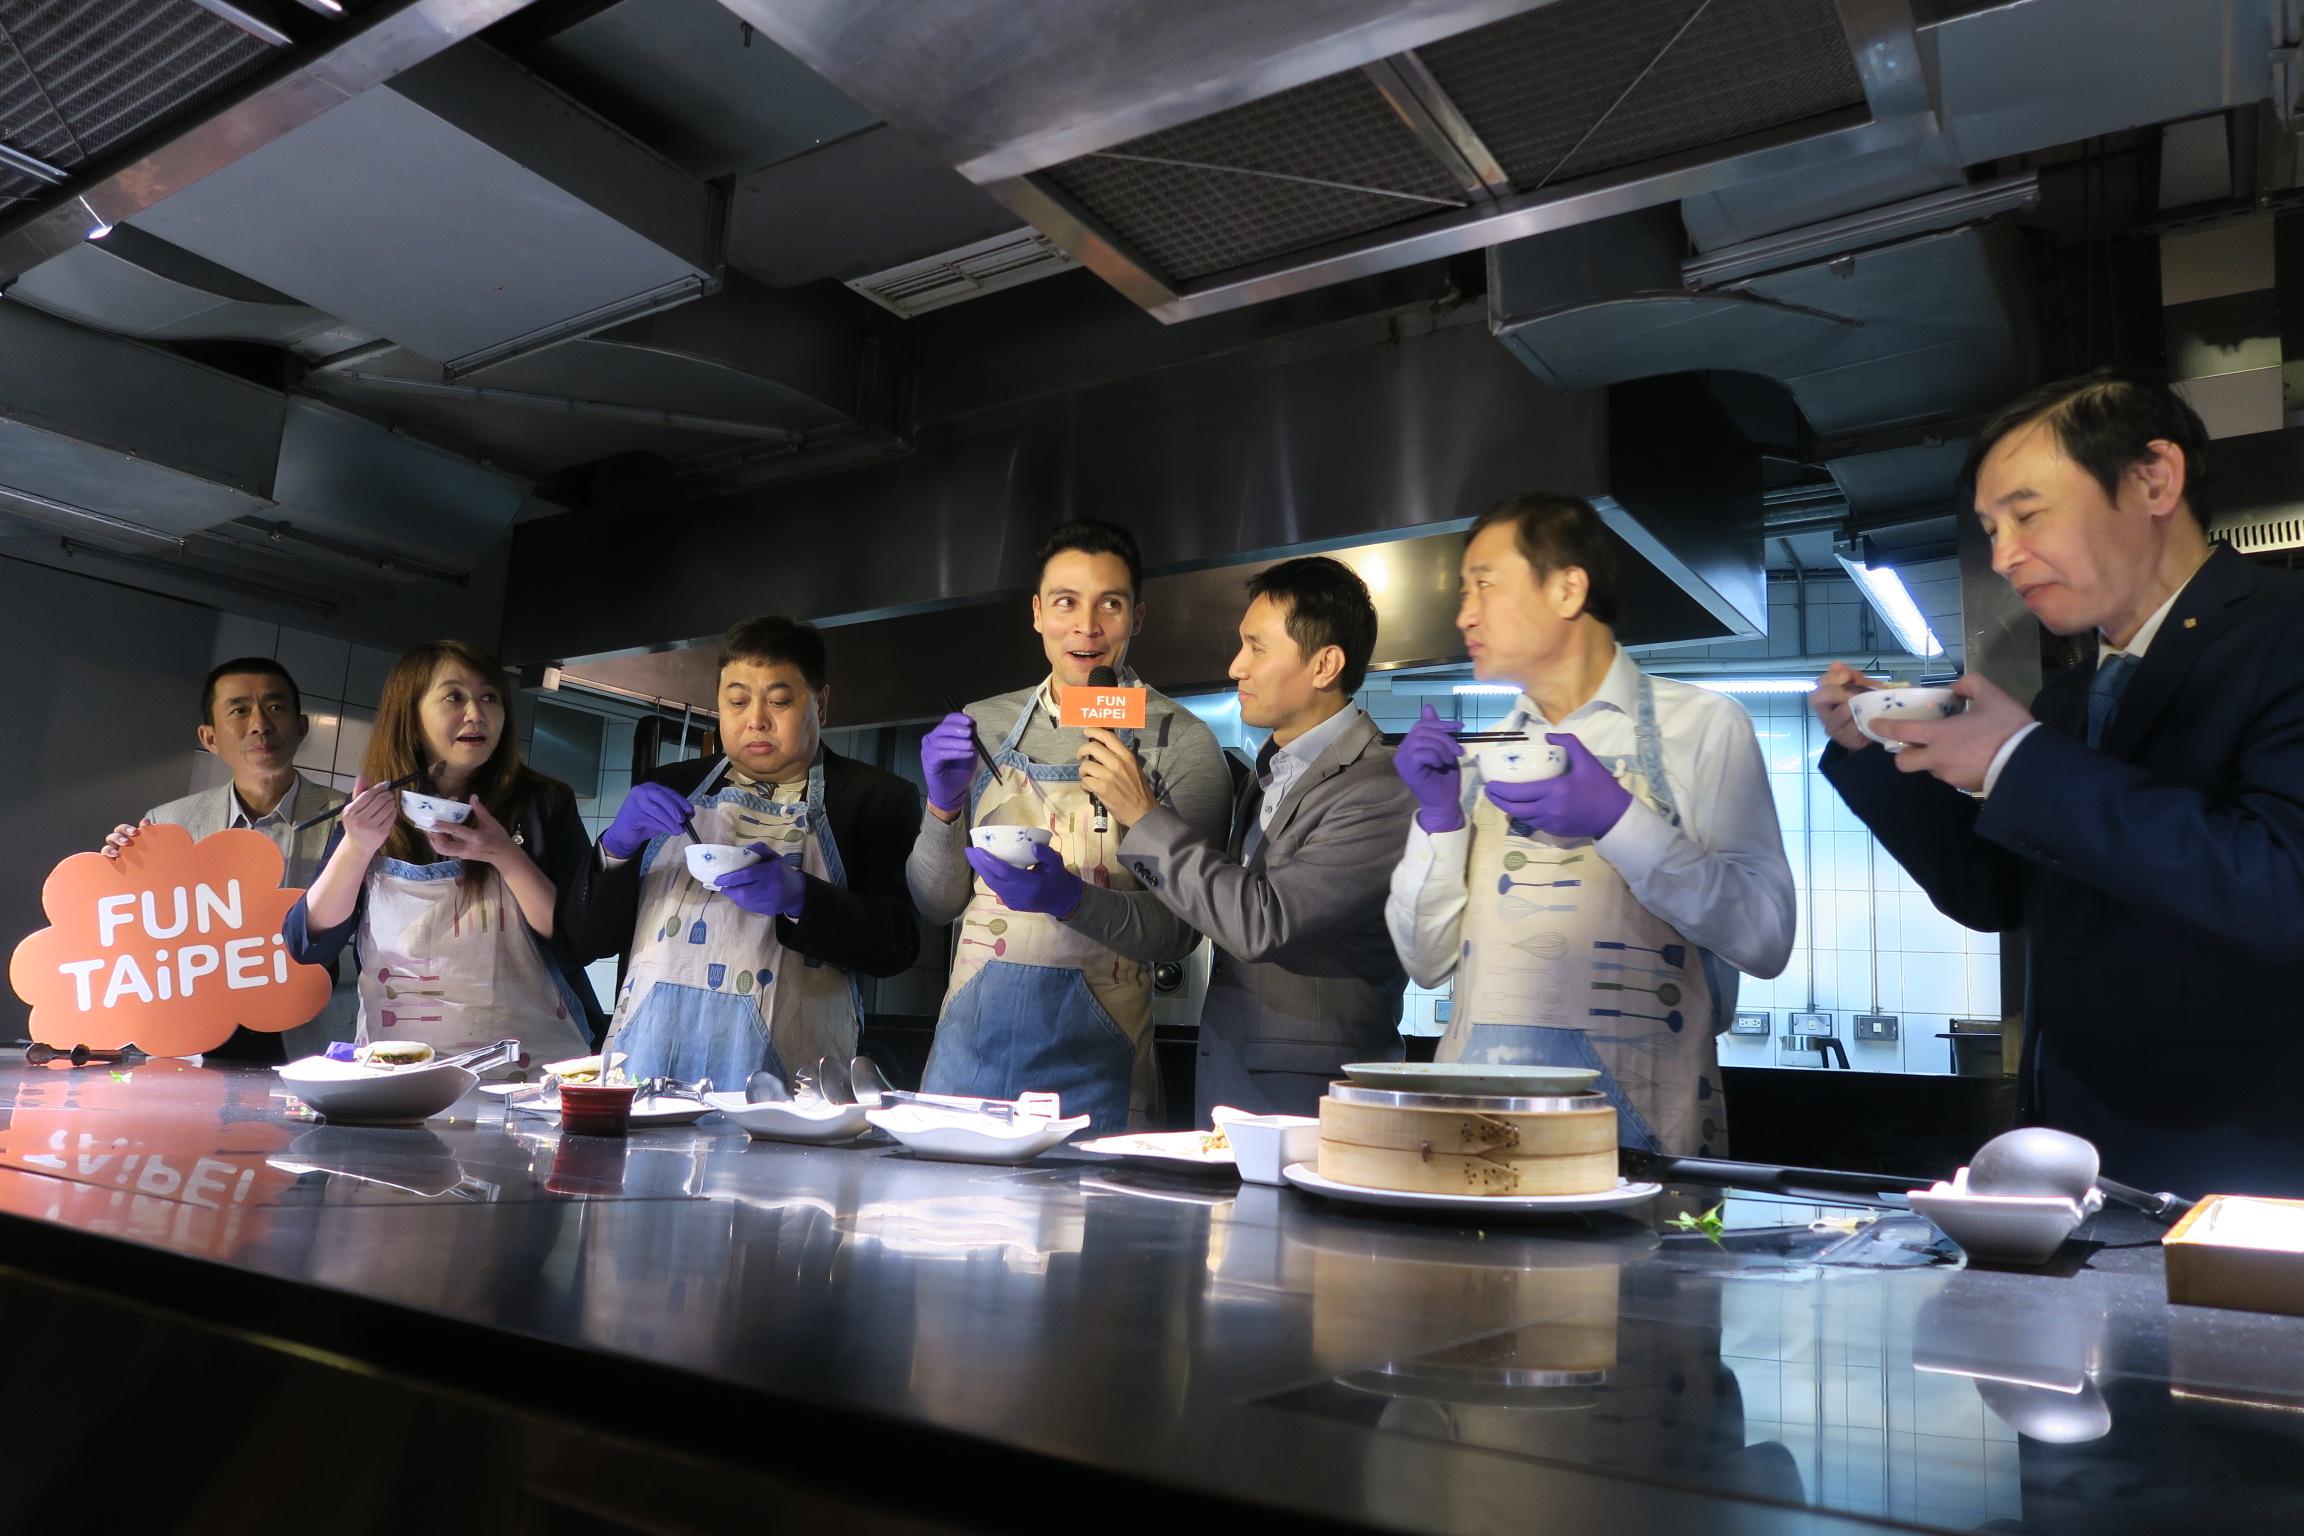 菲律賓免簽首發團挑戰麻辣臭豆腐。